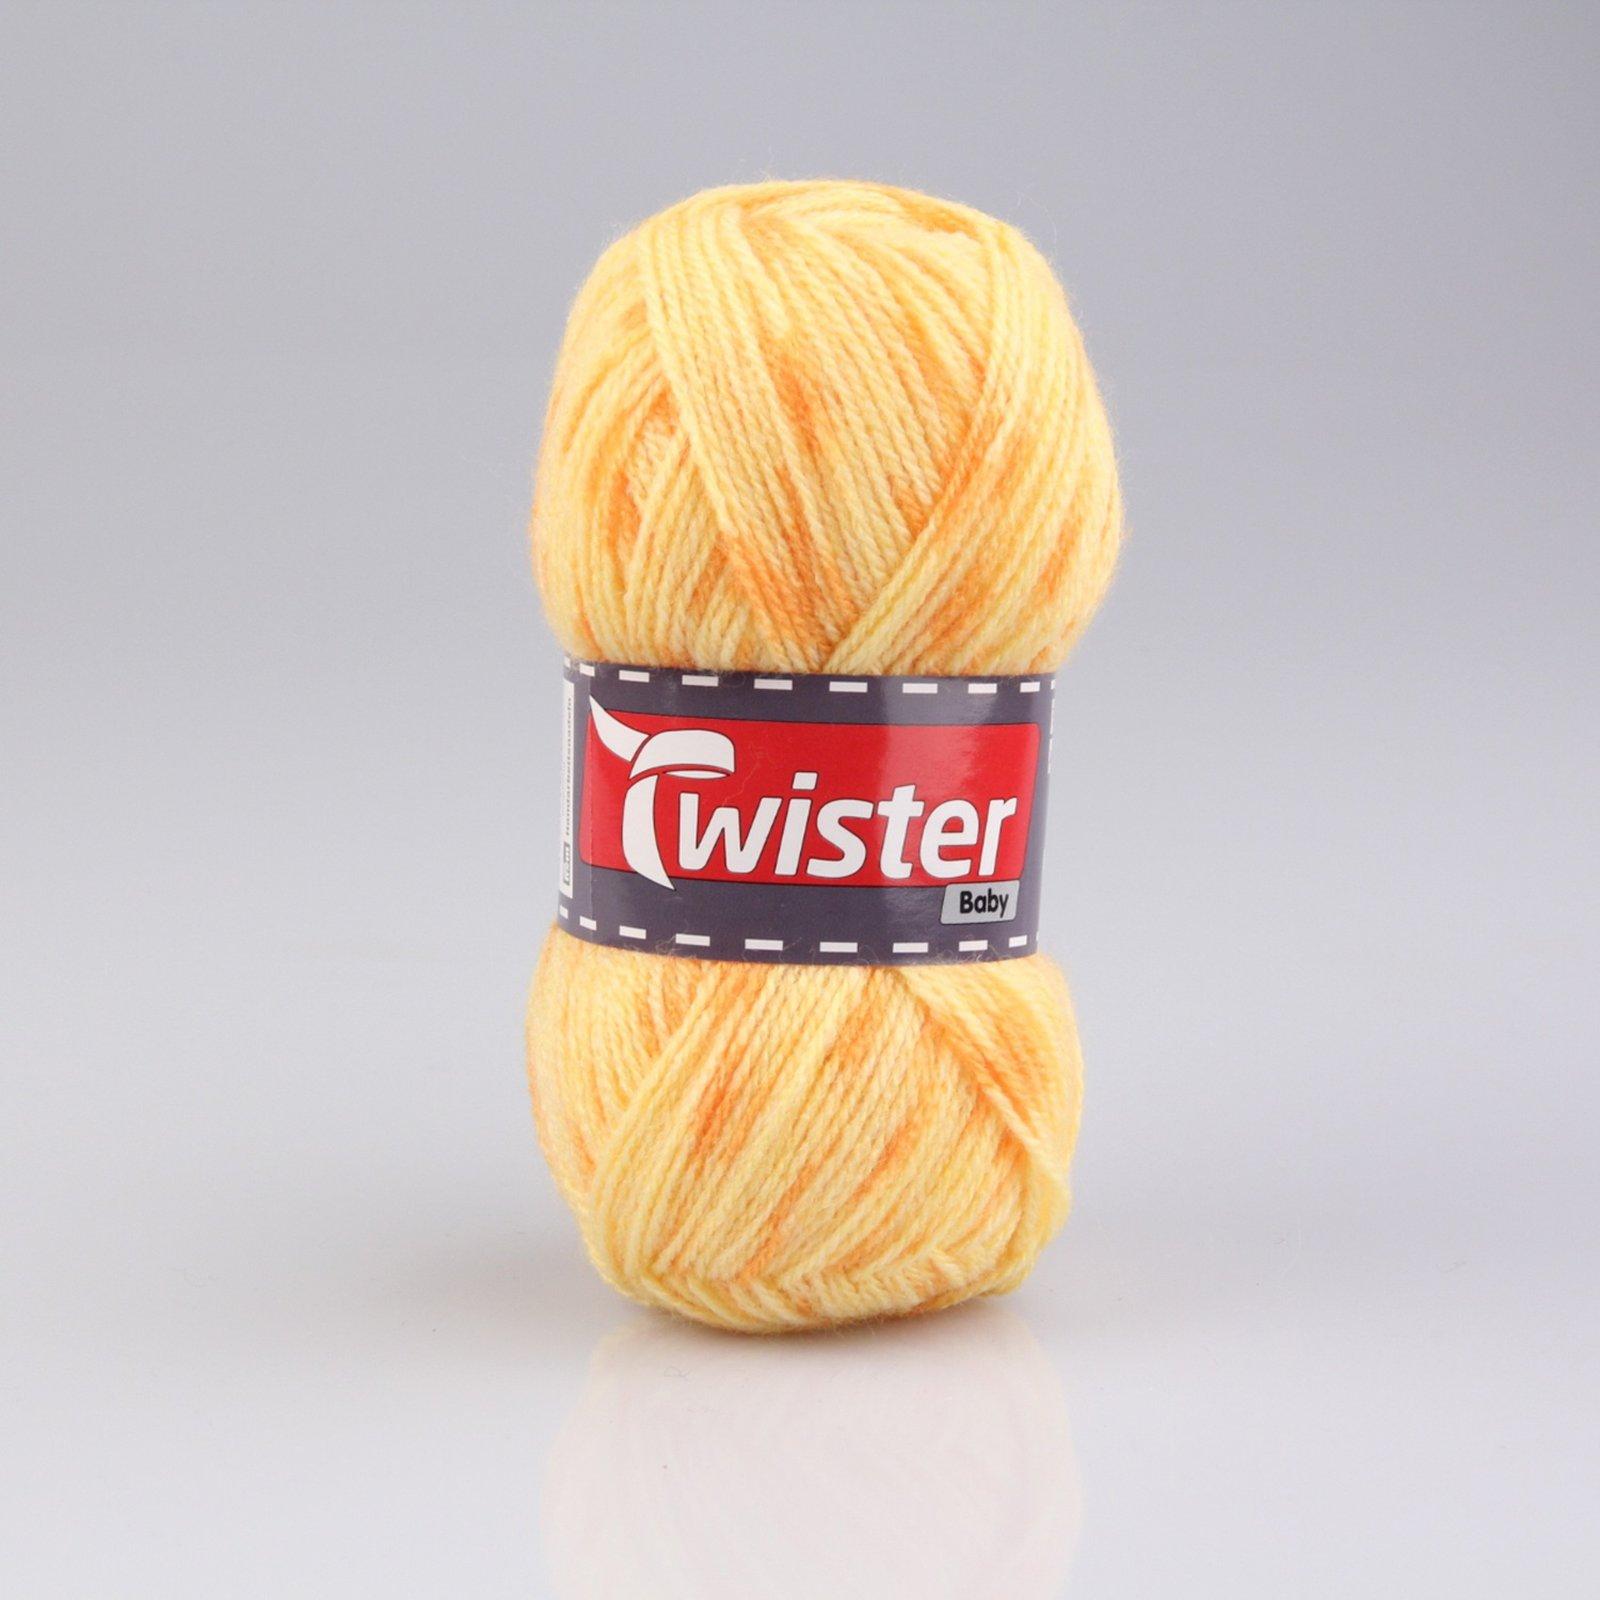 Wolle TWISTER BABY - gelb - gefleckt - 50g